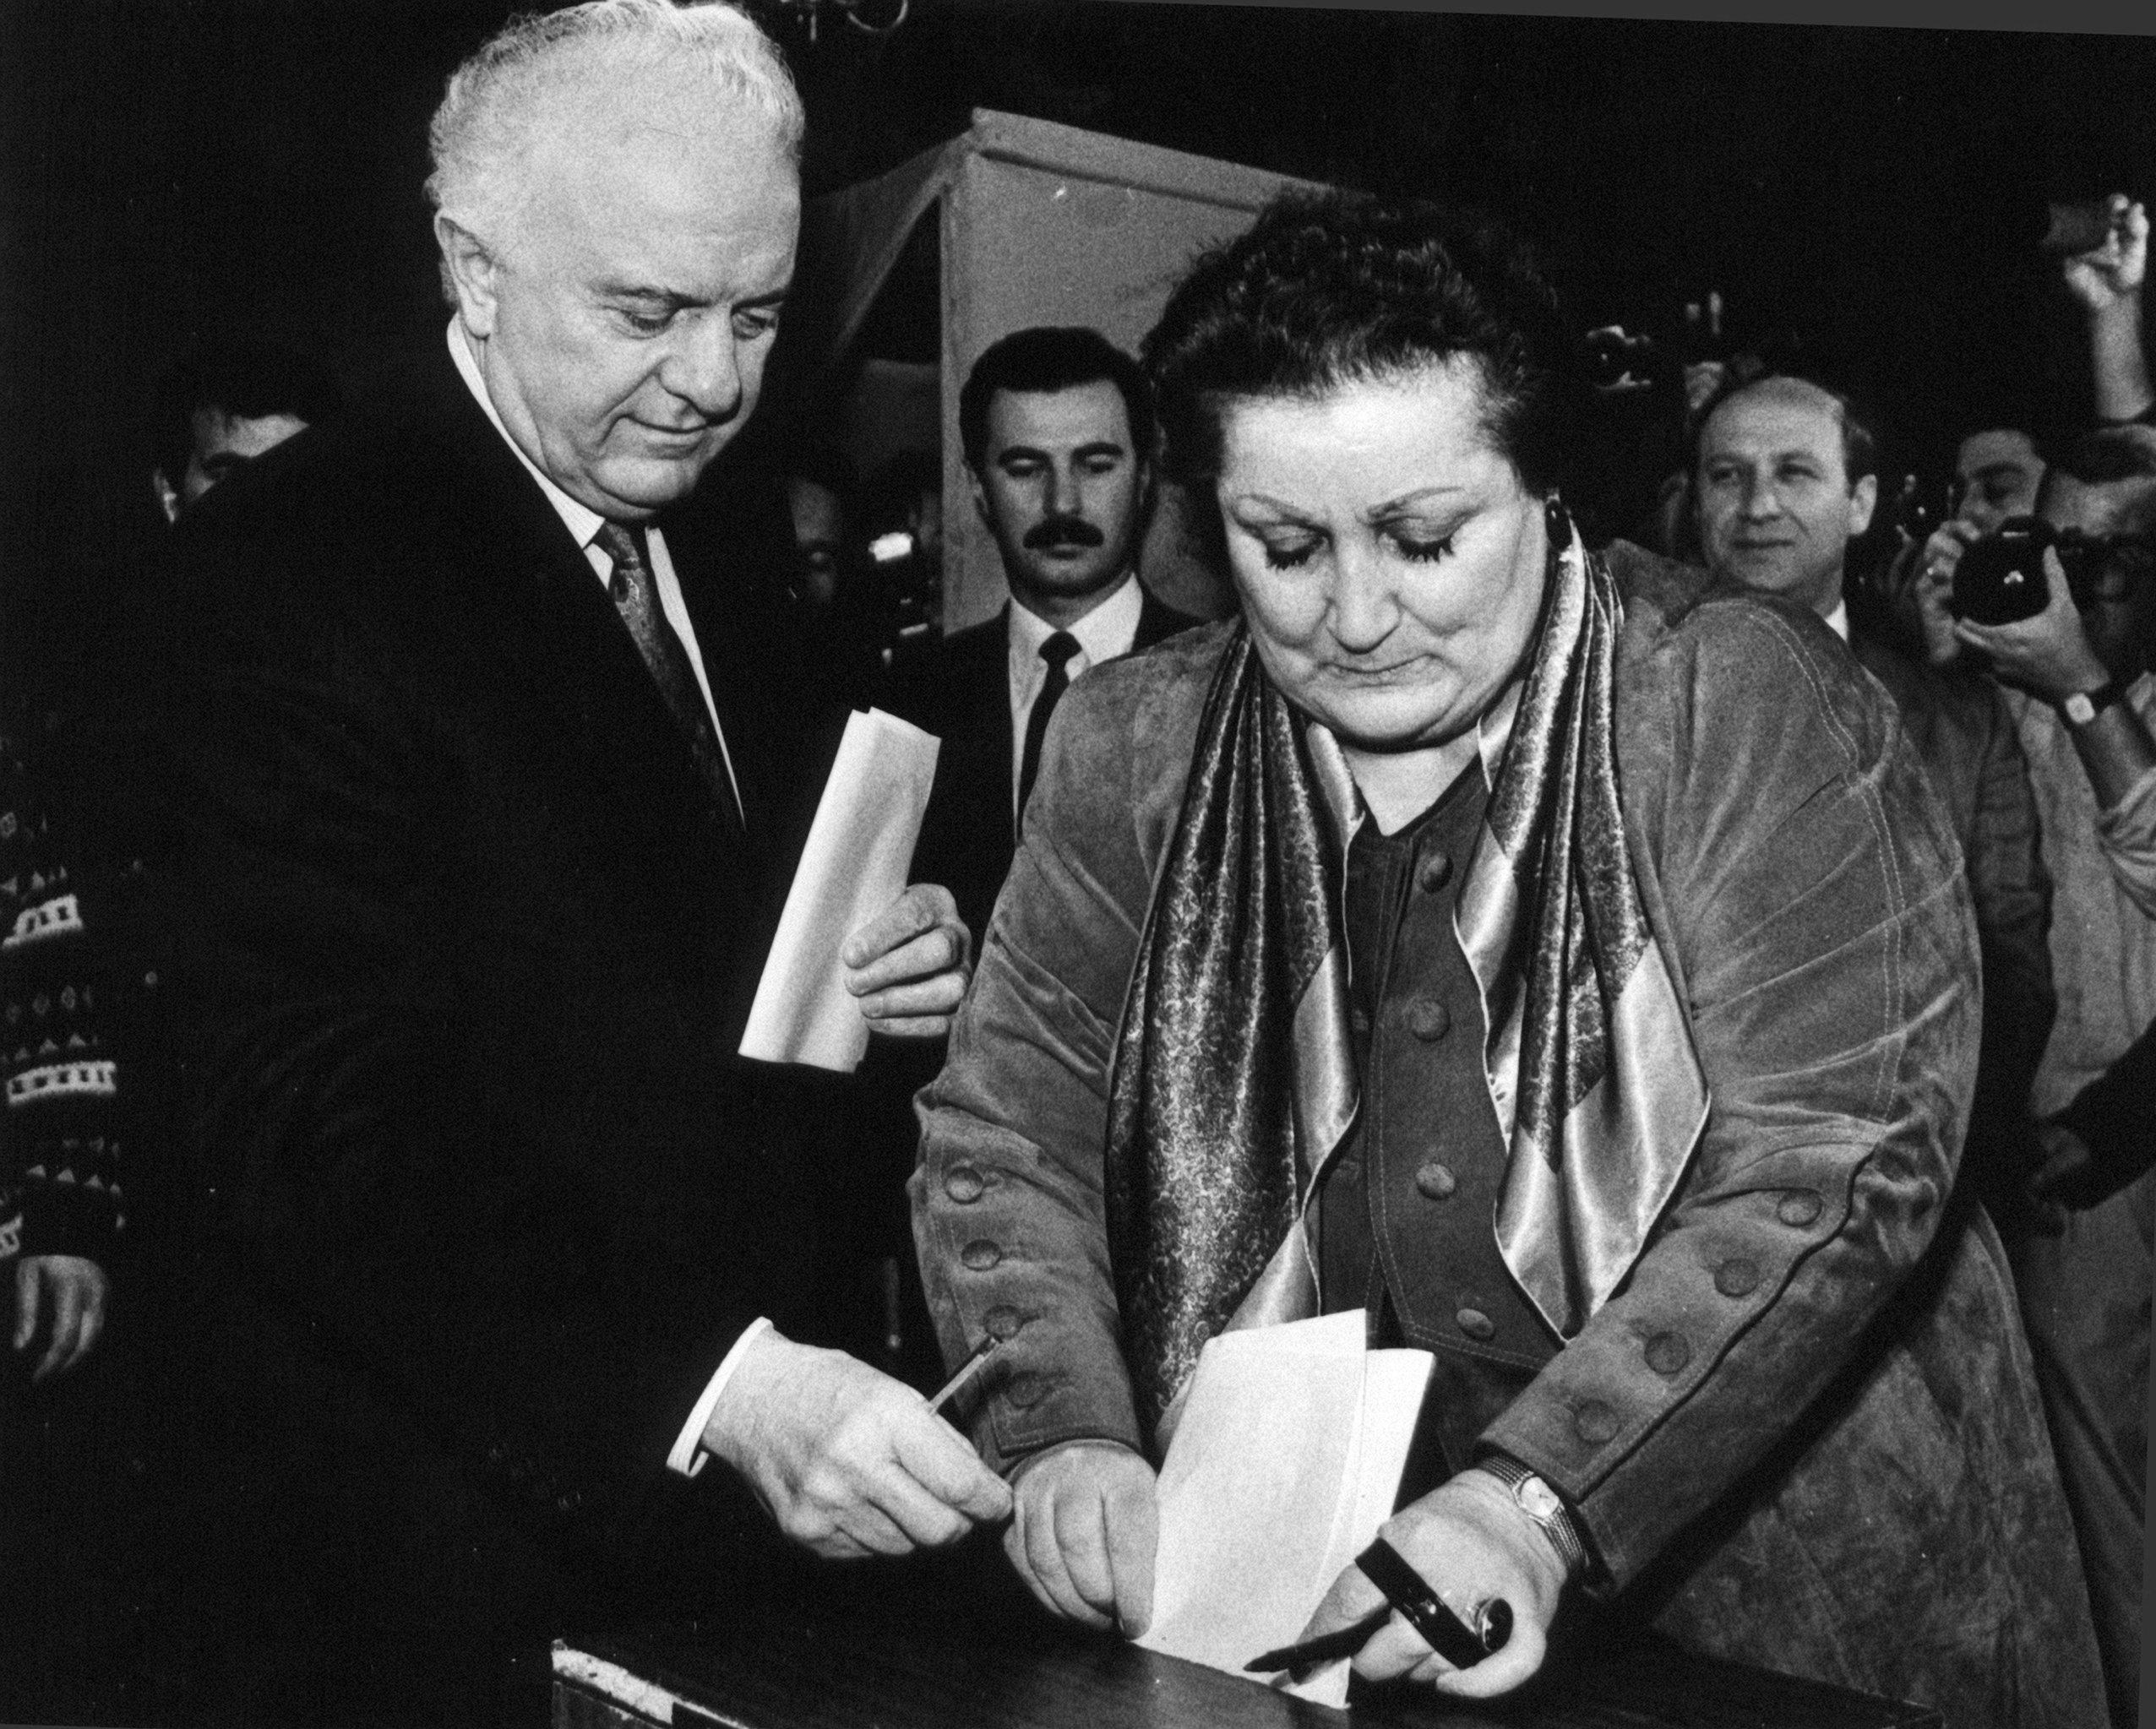 Второй президент Грузии Эдуард Шеварднадзе с супругой Нанули во время парламентских выборов в Тбилиси